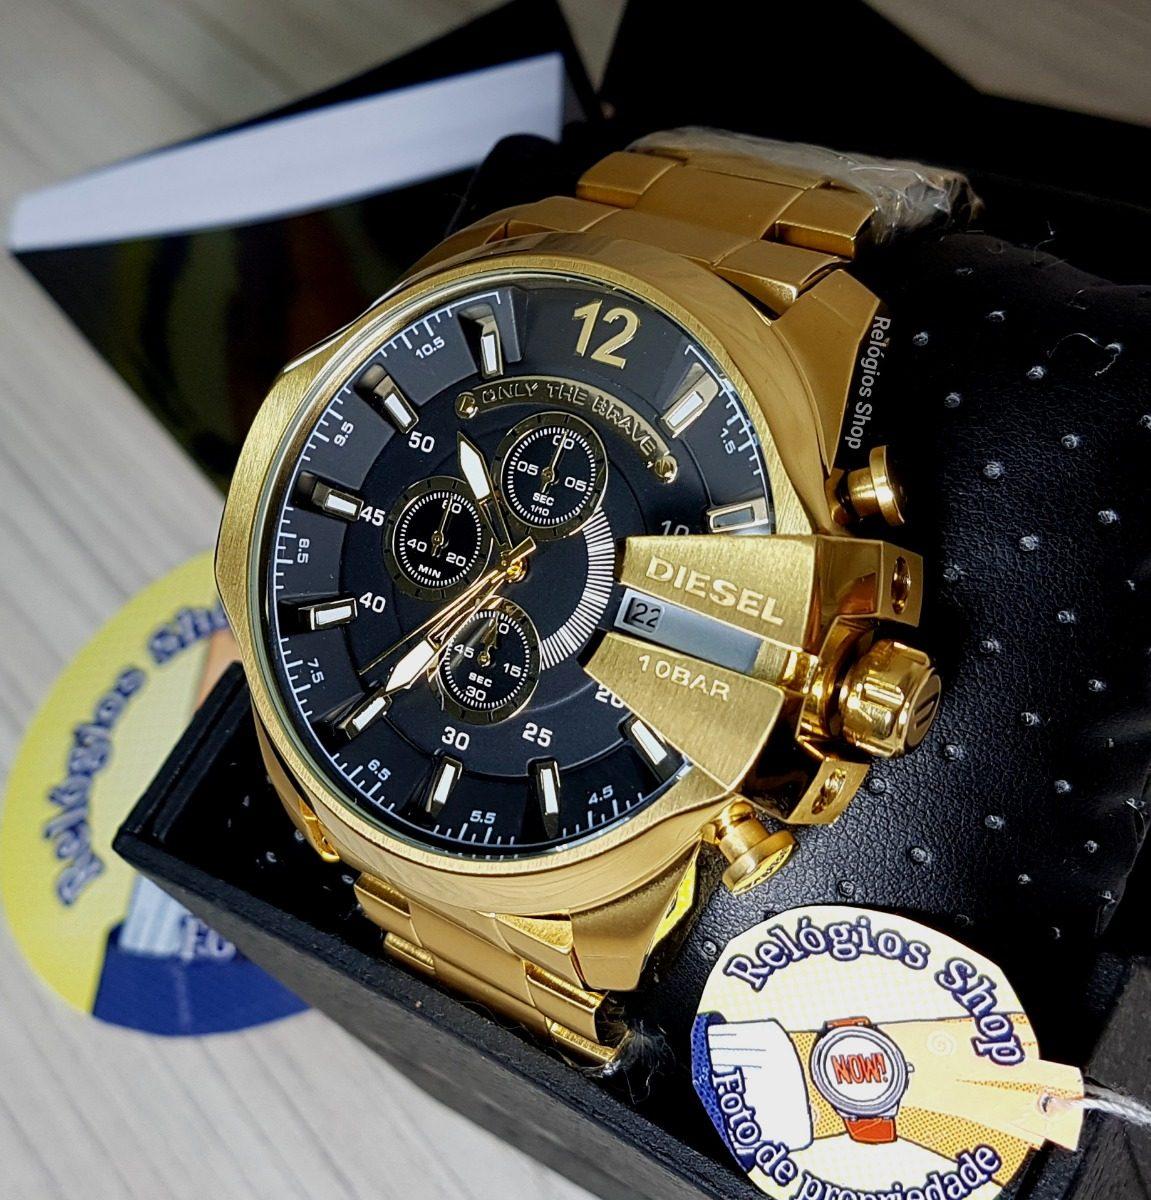 d5e33e80ca4 relógio diesel dz4344 caixa original  dourado  frete grátis. Carregando  zoom.